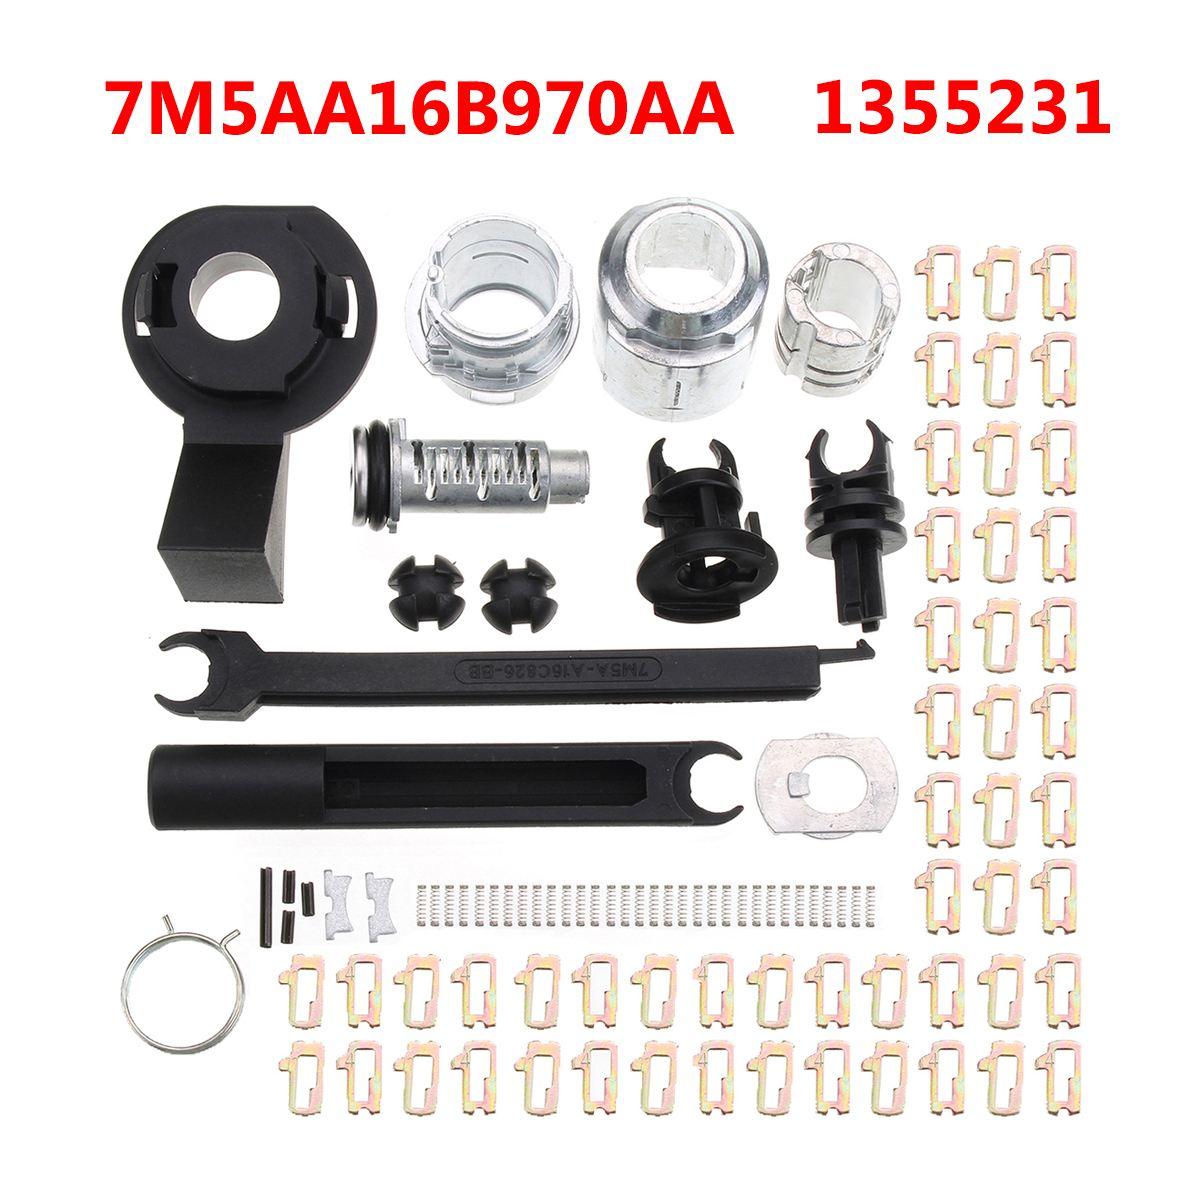 1 Set Car Bonnet Release Lock Repair Kit Latch For Ford /Focus MK2 2004-